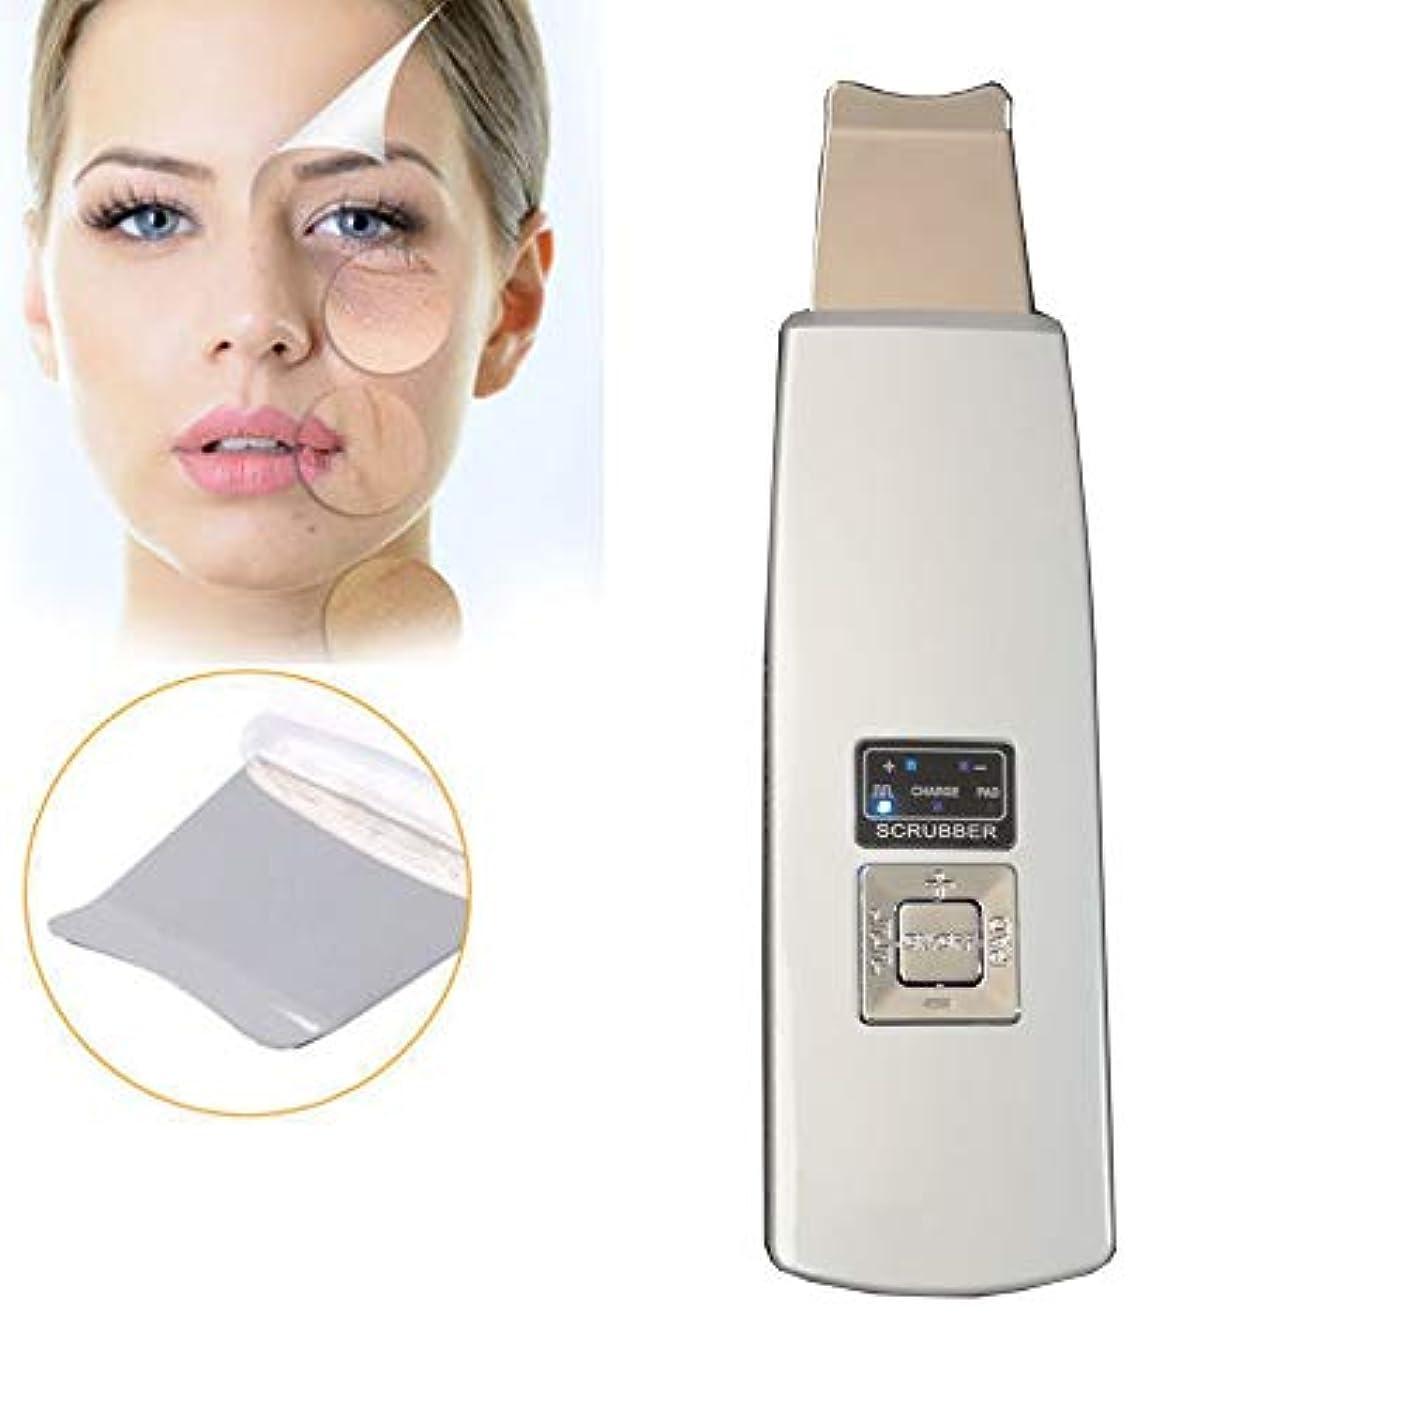 クラッシュ派手外交官顔の皮膚のスクラバー、ポータブル?フェイシャル超音波超音波イオンスキンケアスクラバーデバイス美容機は、ブラックヘッド面皰死んだ皮膚の除去を削除する方法